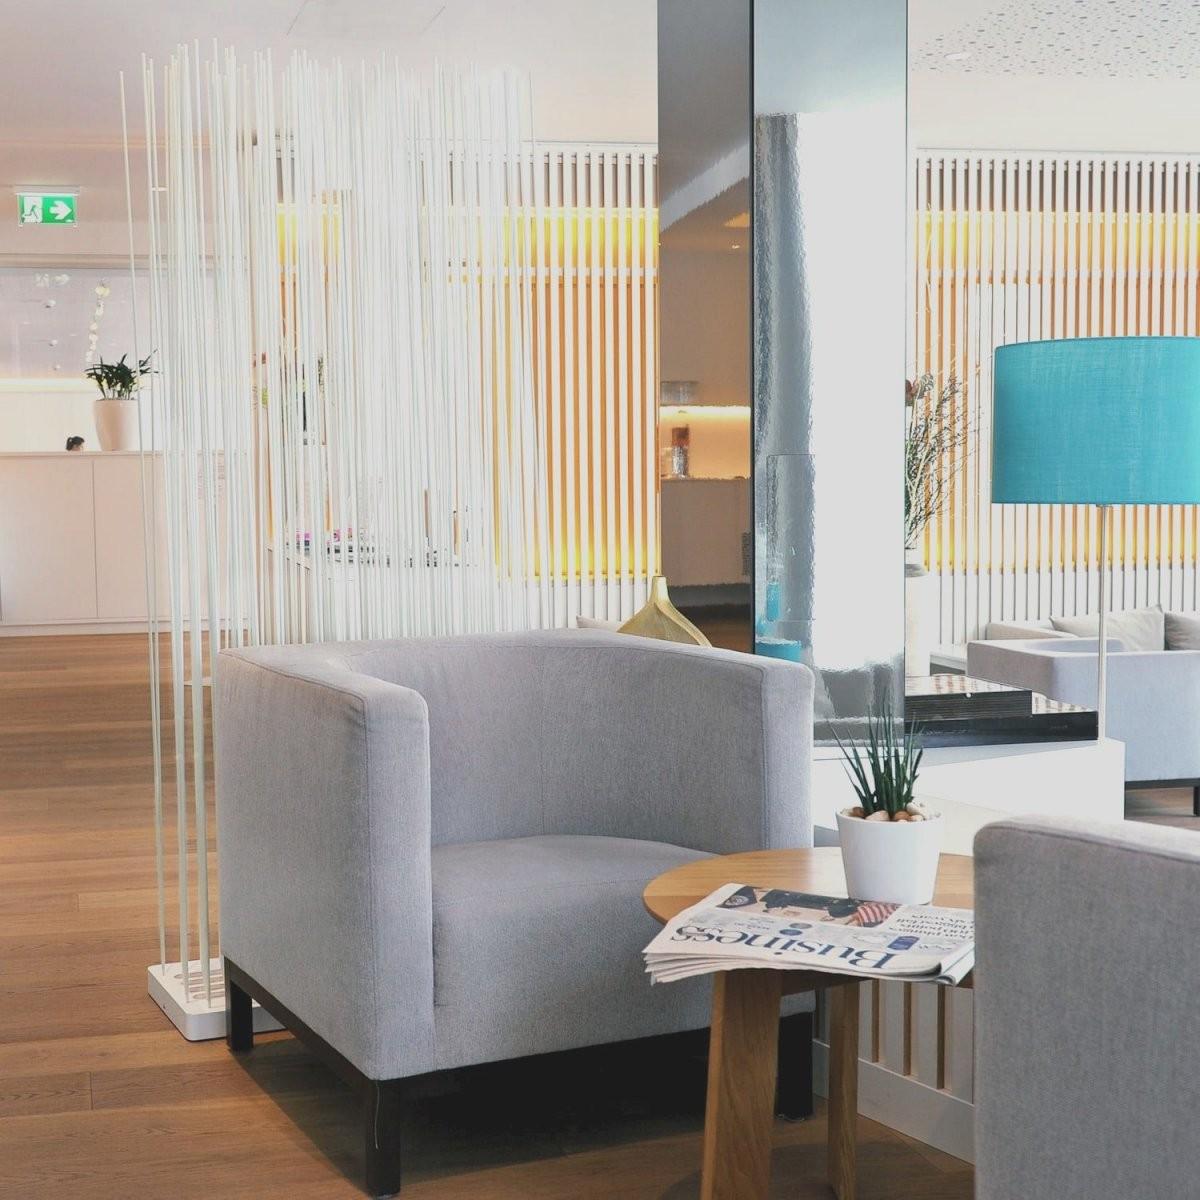 Schlafzimmer Schöner Wohnen Mediterranes Schlafzimmer Bettdecken von Schöner Wohnen Farbe Jade Photo